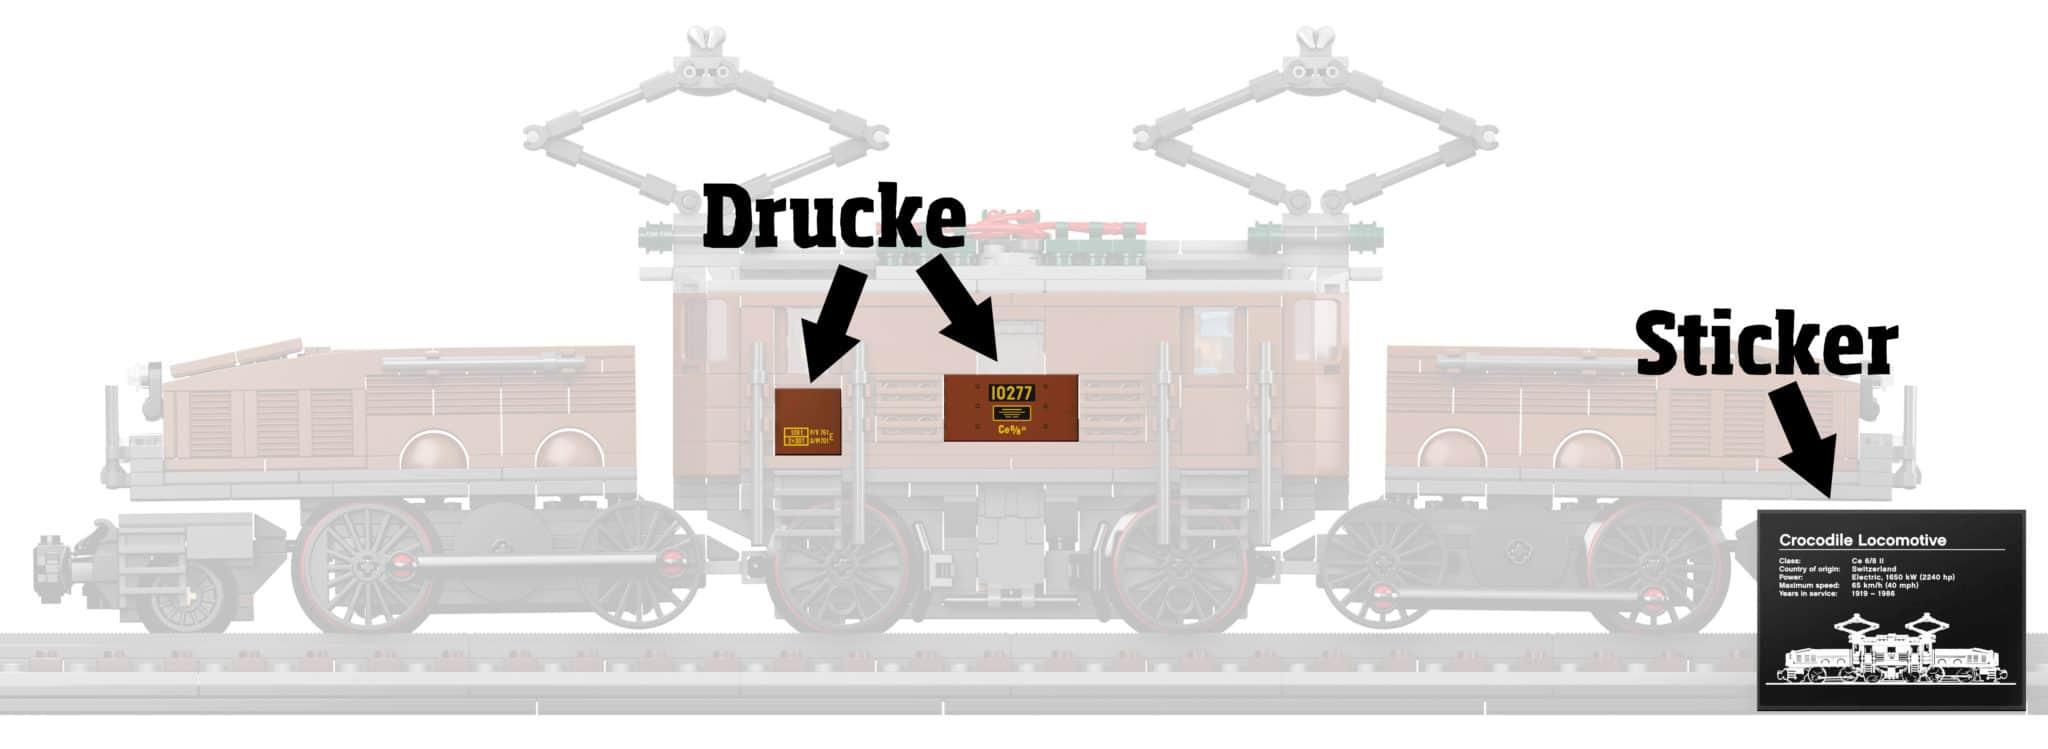 LEGO 10277 Drucke Sticker